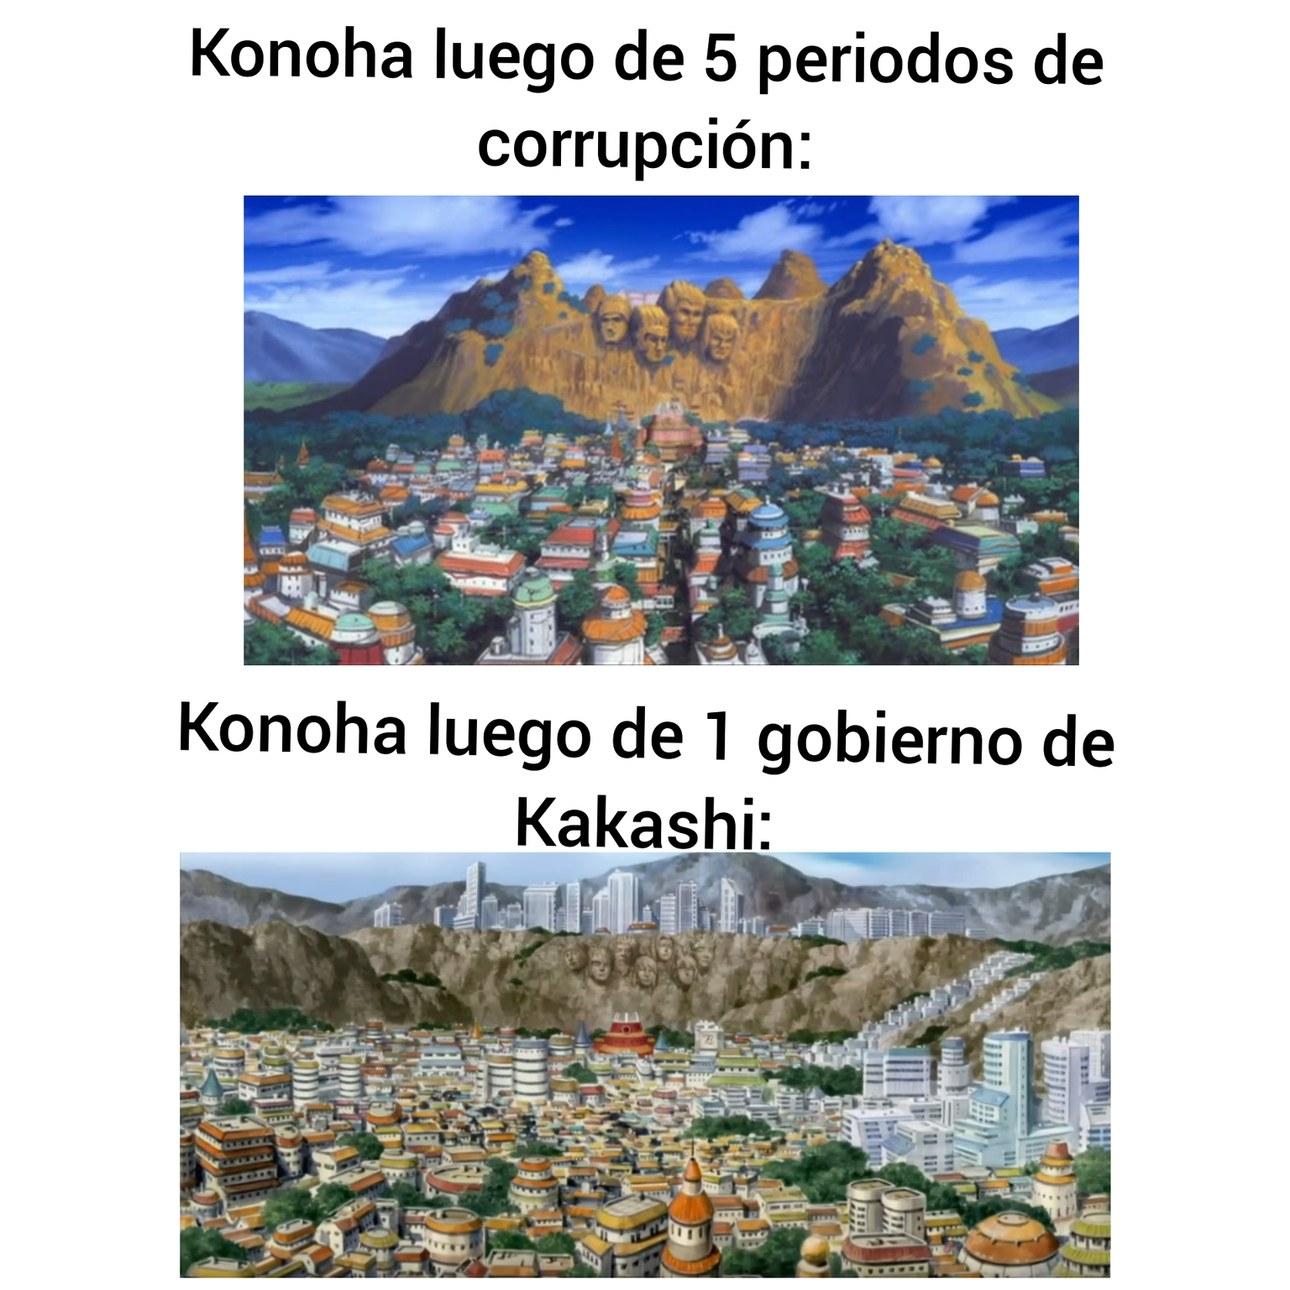 Kakashi recibió un país destruido por la guerra y la malversación de fondos - meme